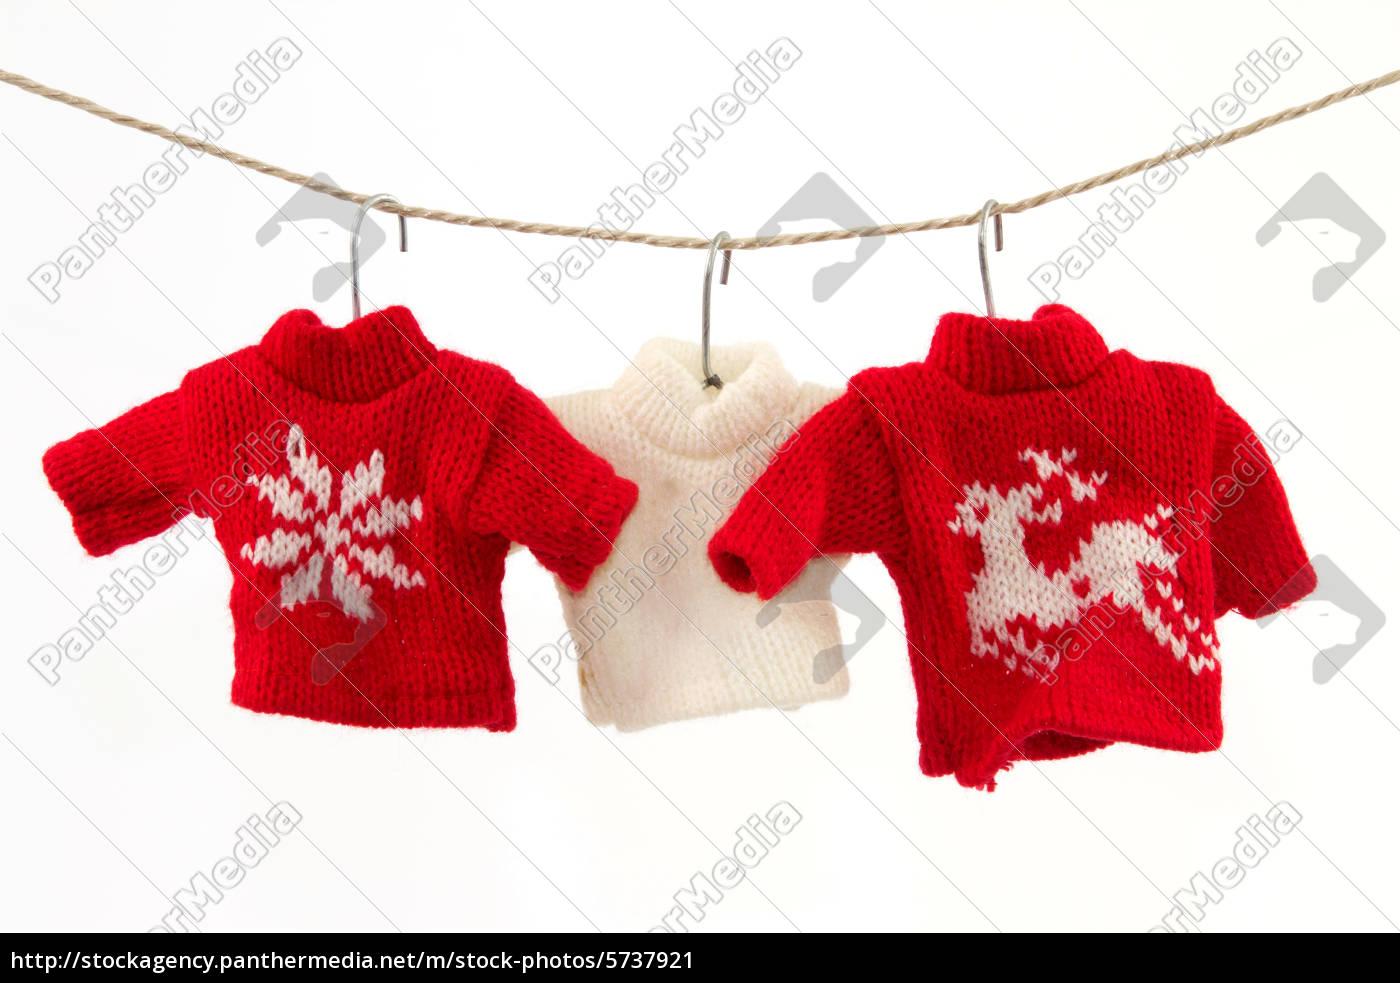 weihnachtspullover, 2 - 5737921